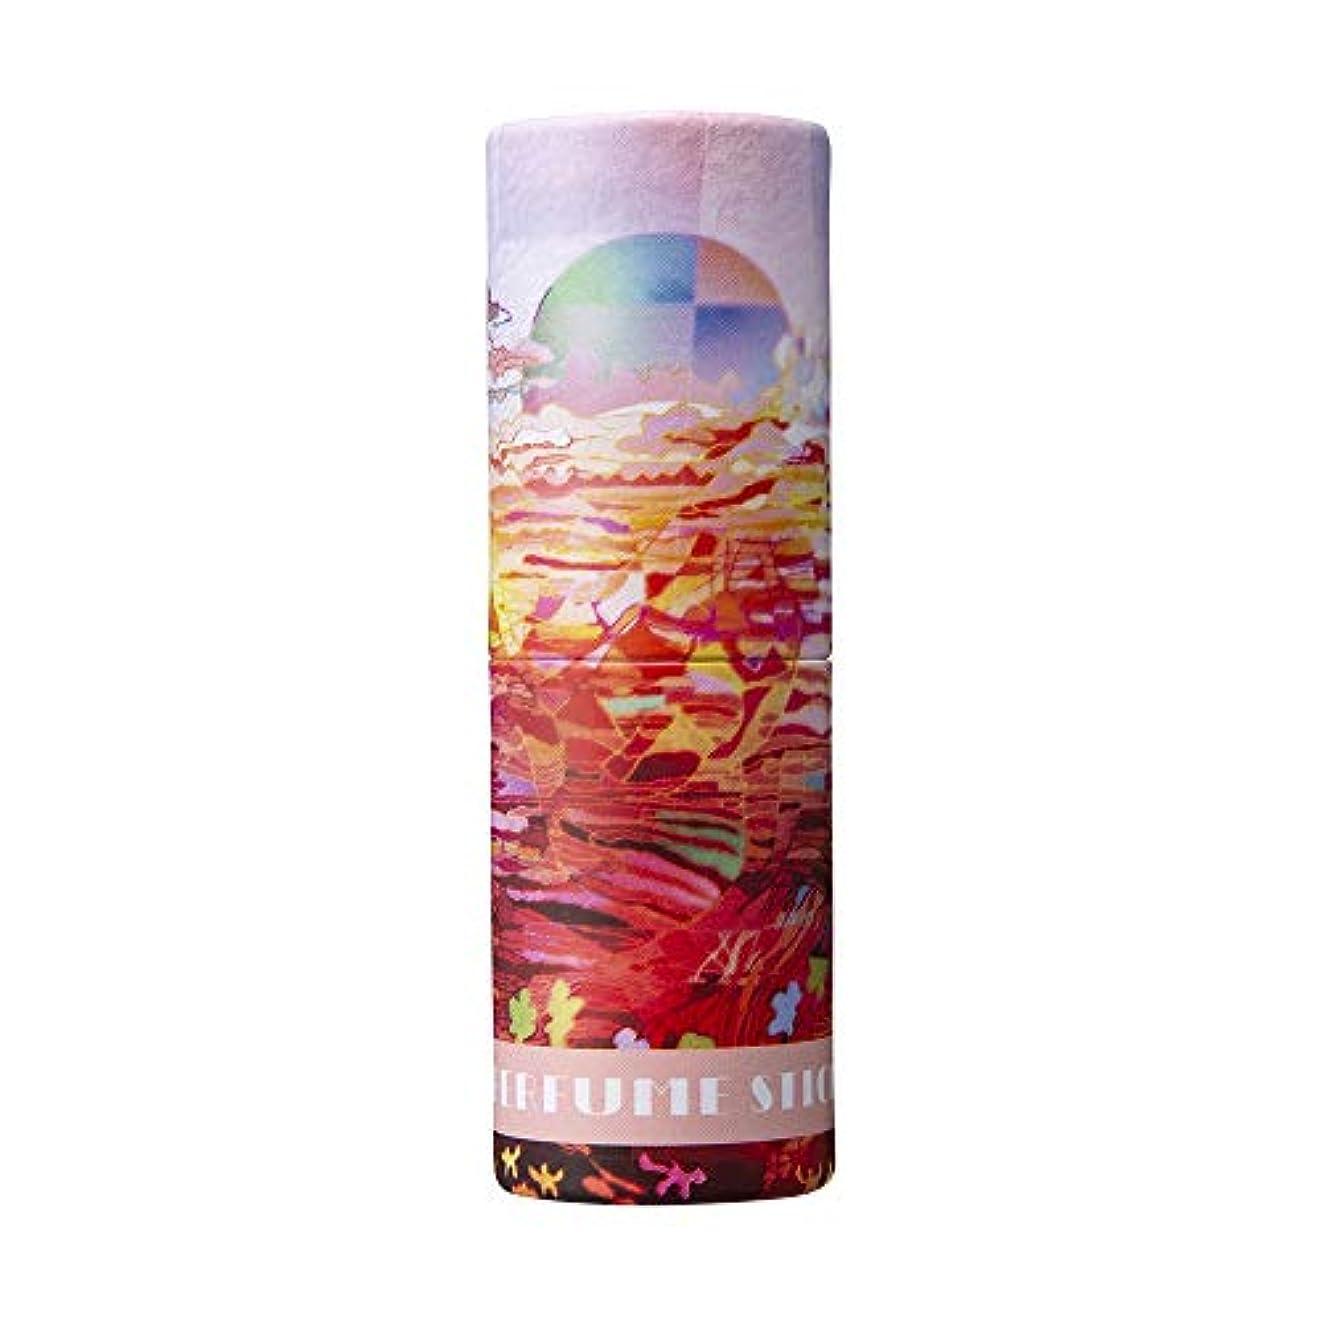 こどもの宮殿ダッシュ上へパフュームスティック ハッピー アップル&ローズの香り 世界遺産デザイン 5g